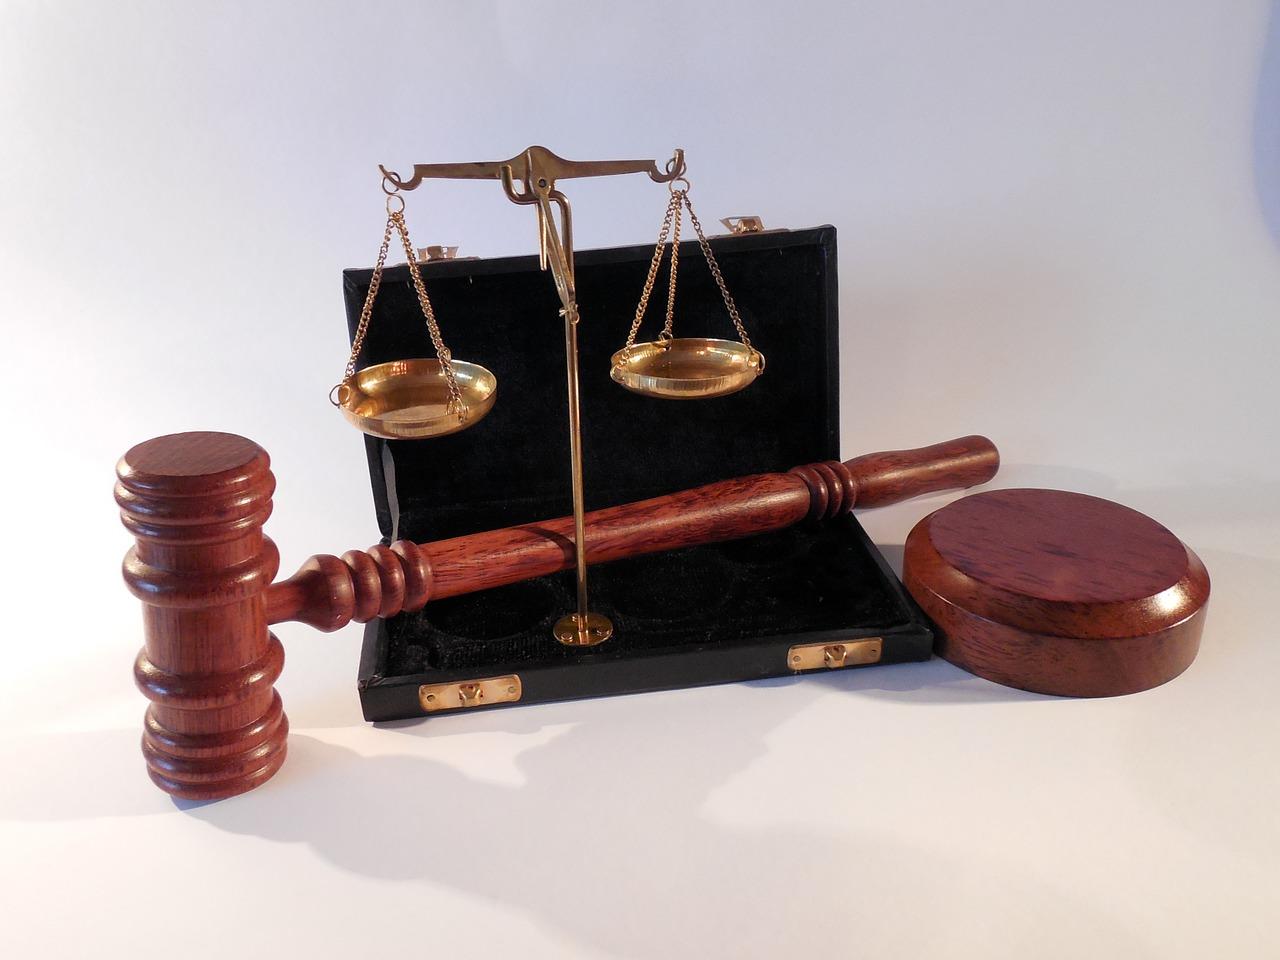 Quali sbocchi professionali ha un laureato in giurisprudenza (legge)